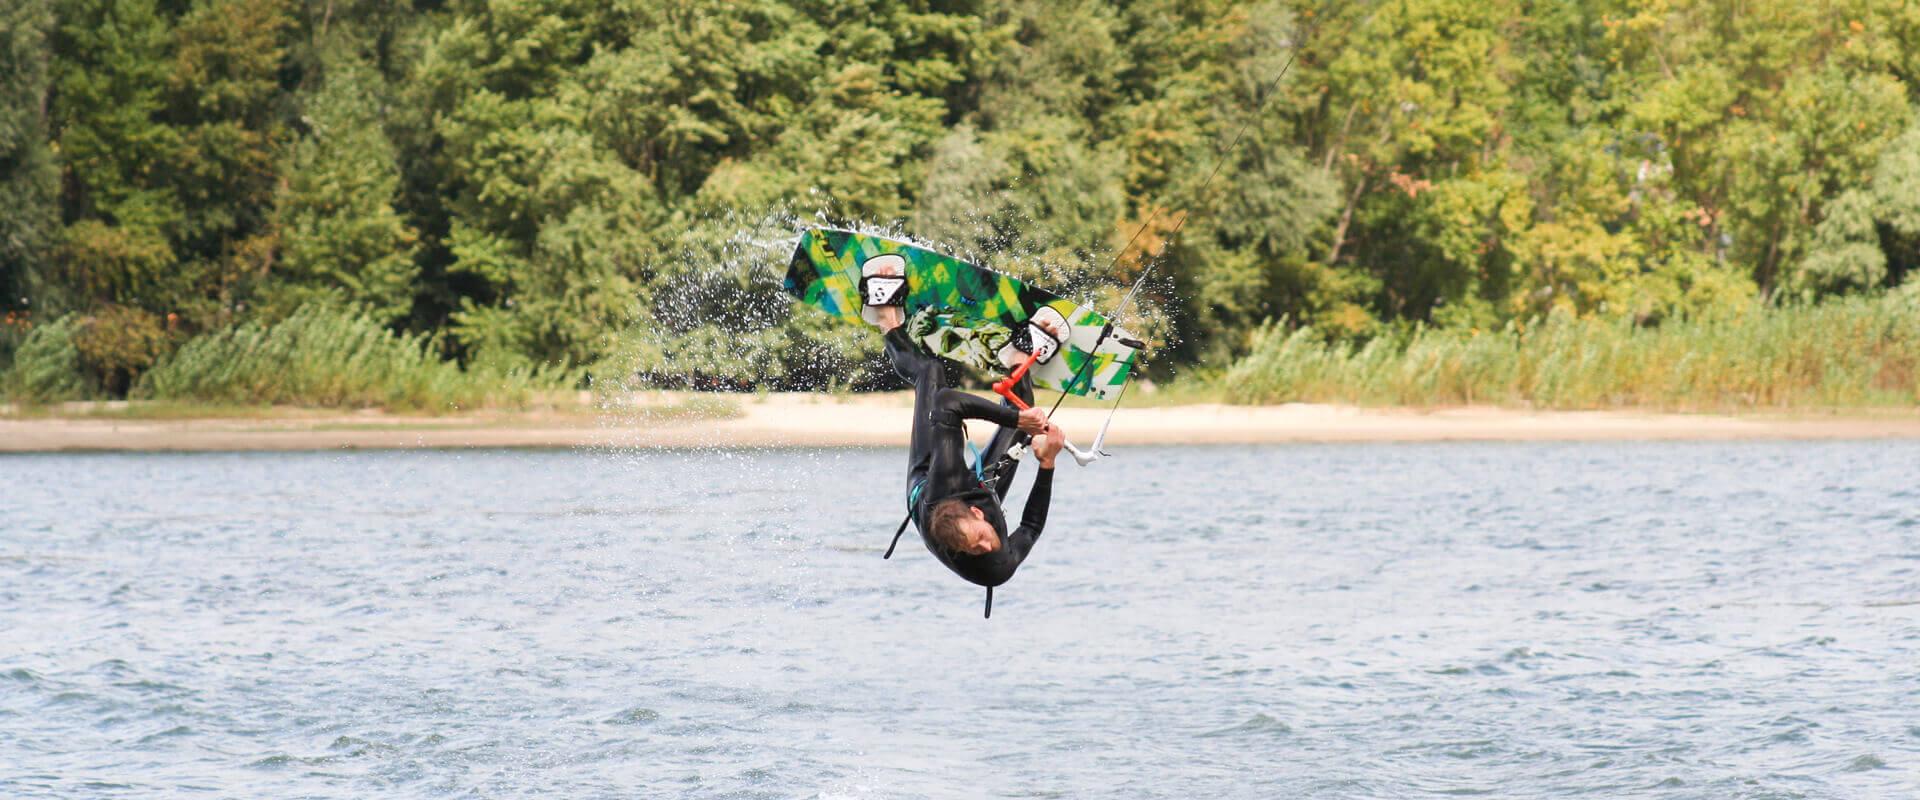 SPLEENE Kiteboarding - RS Kiteboard in Action